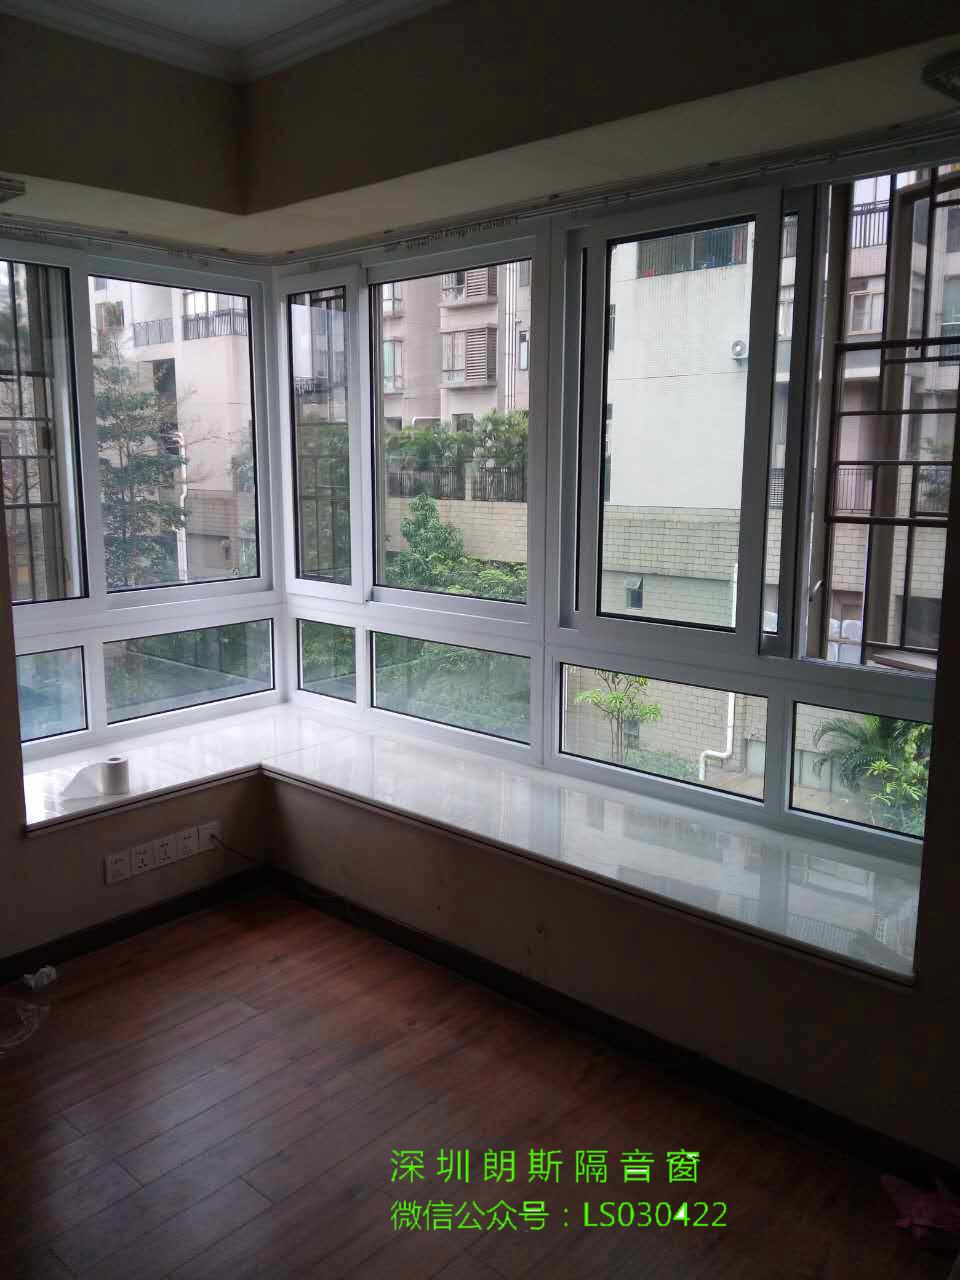 深圳朗斯隔音窗绿茵丰和安装实例